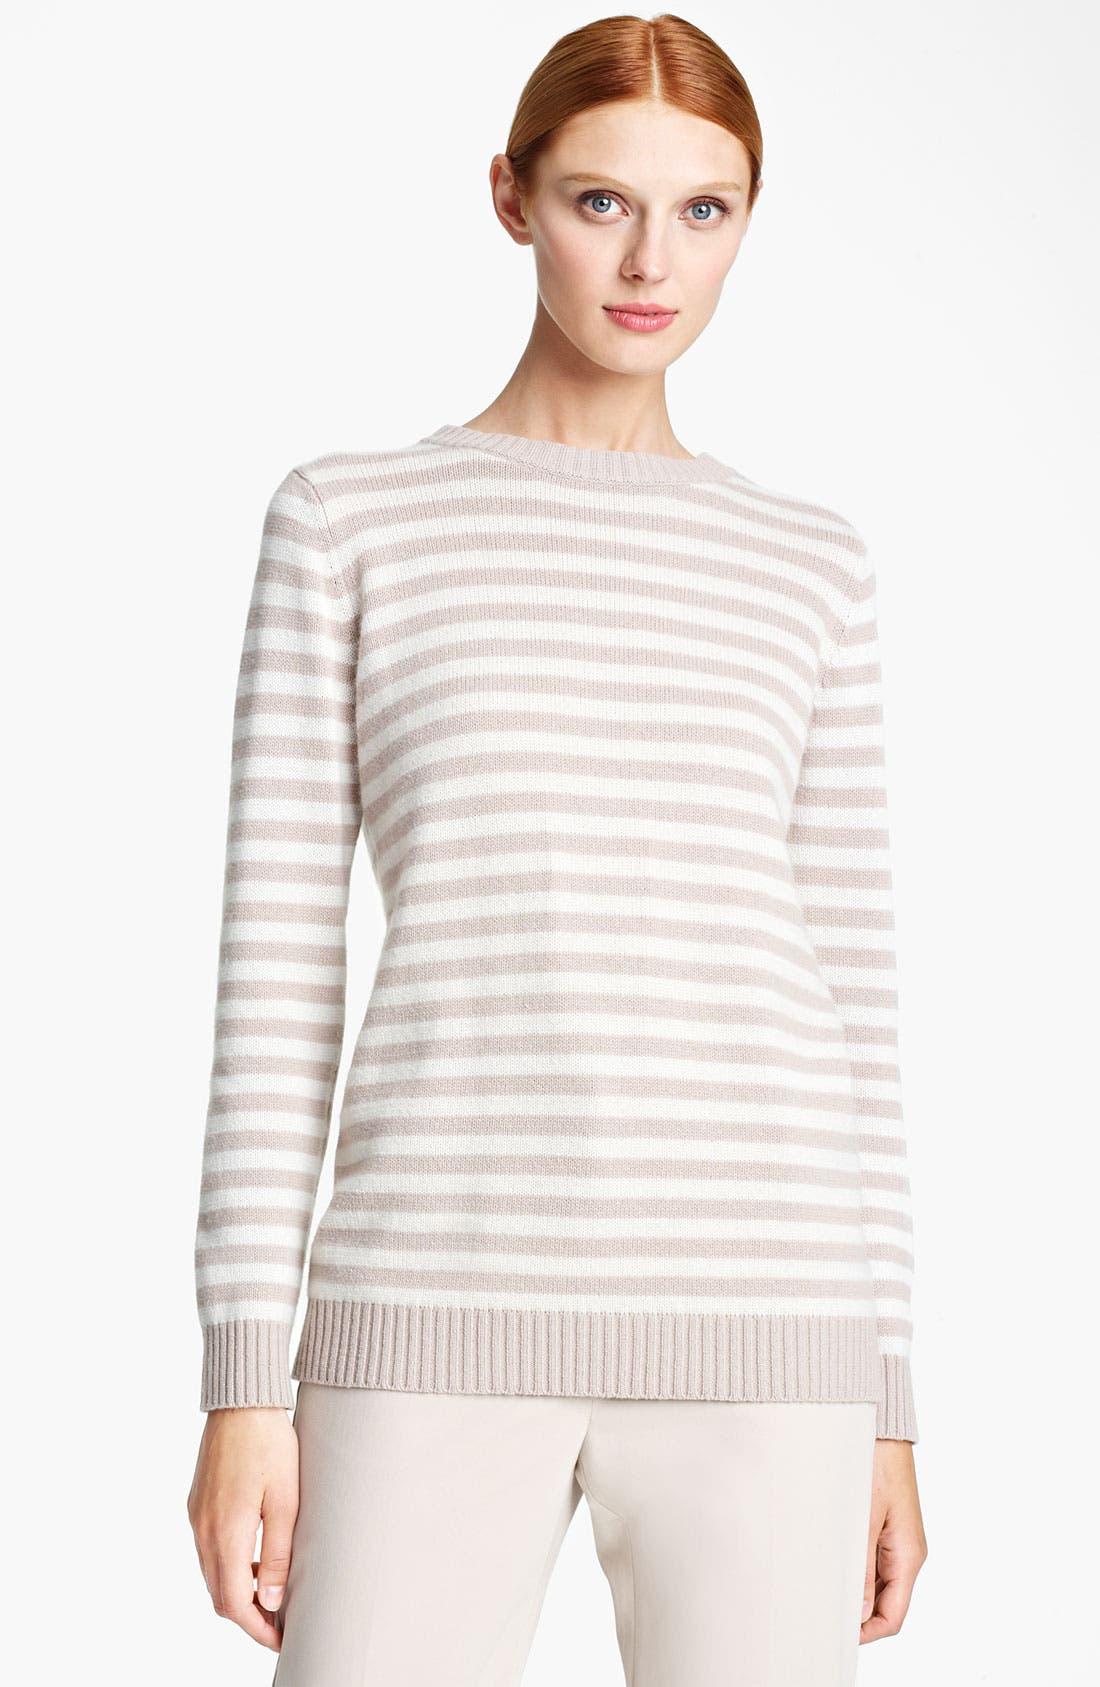 Main Image - Max Mara 'Auronzo' Striped Cashmere & Cotton Sweater